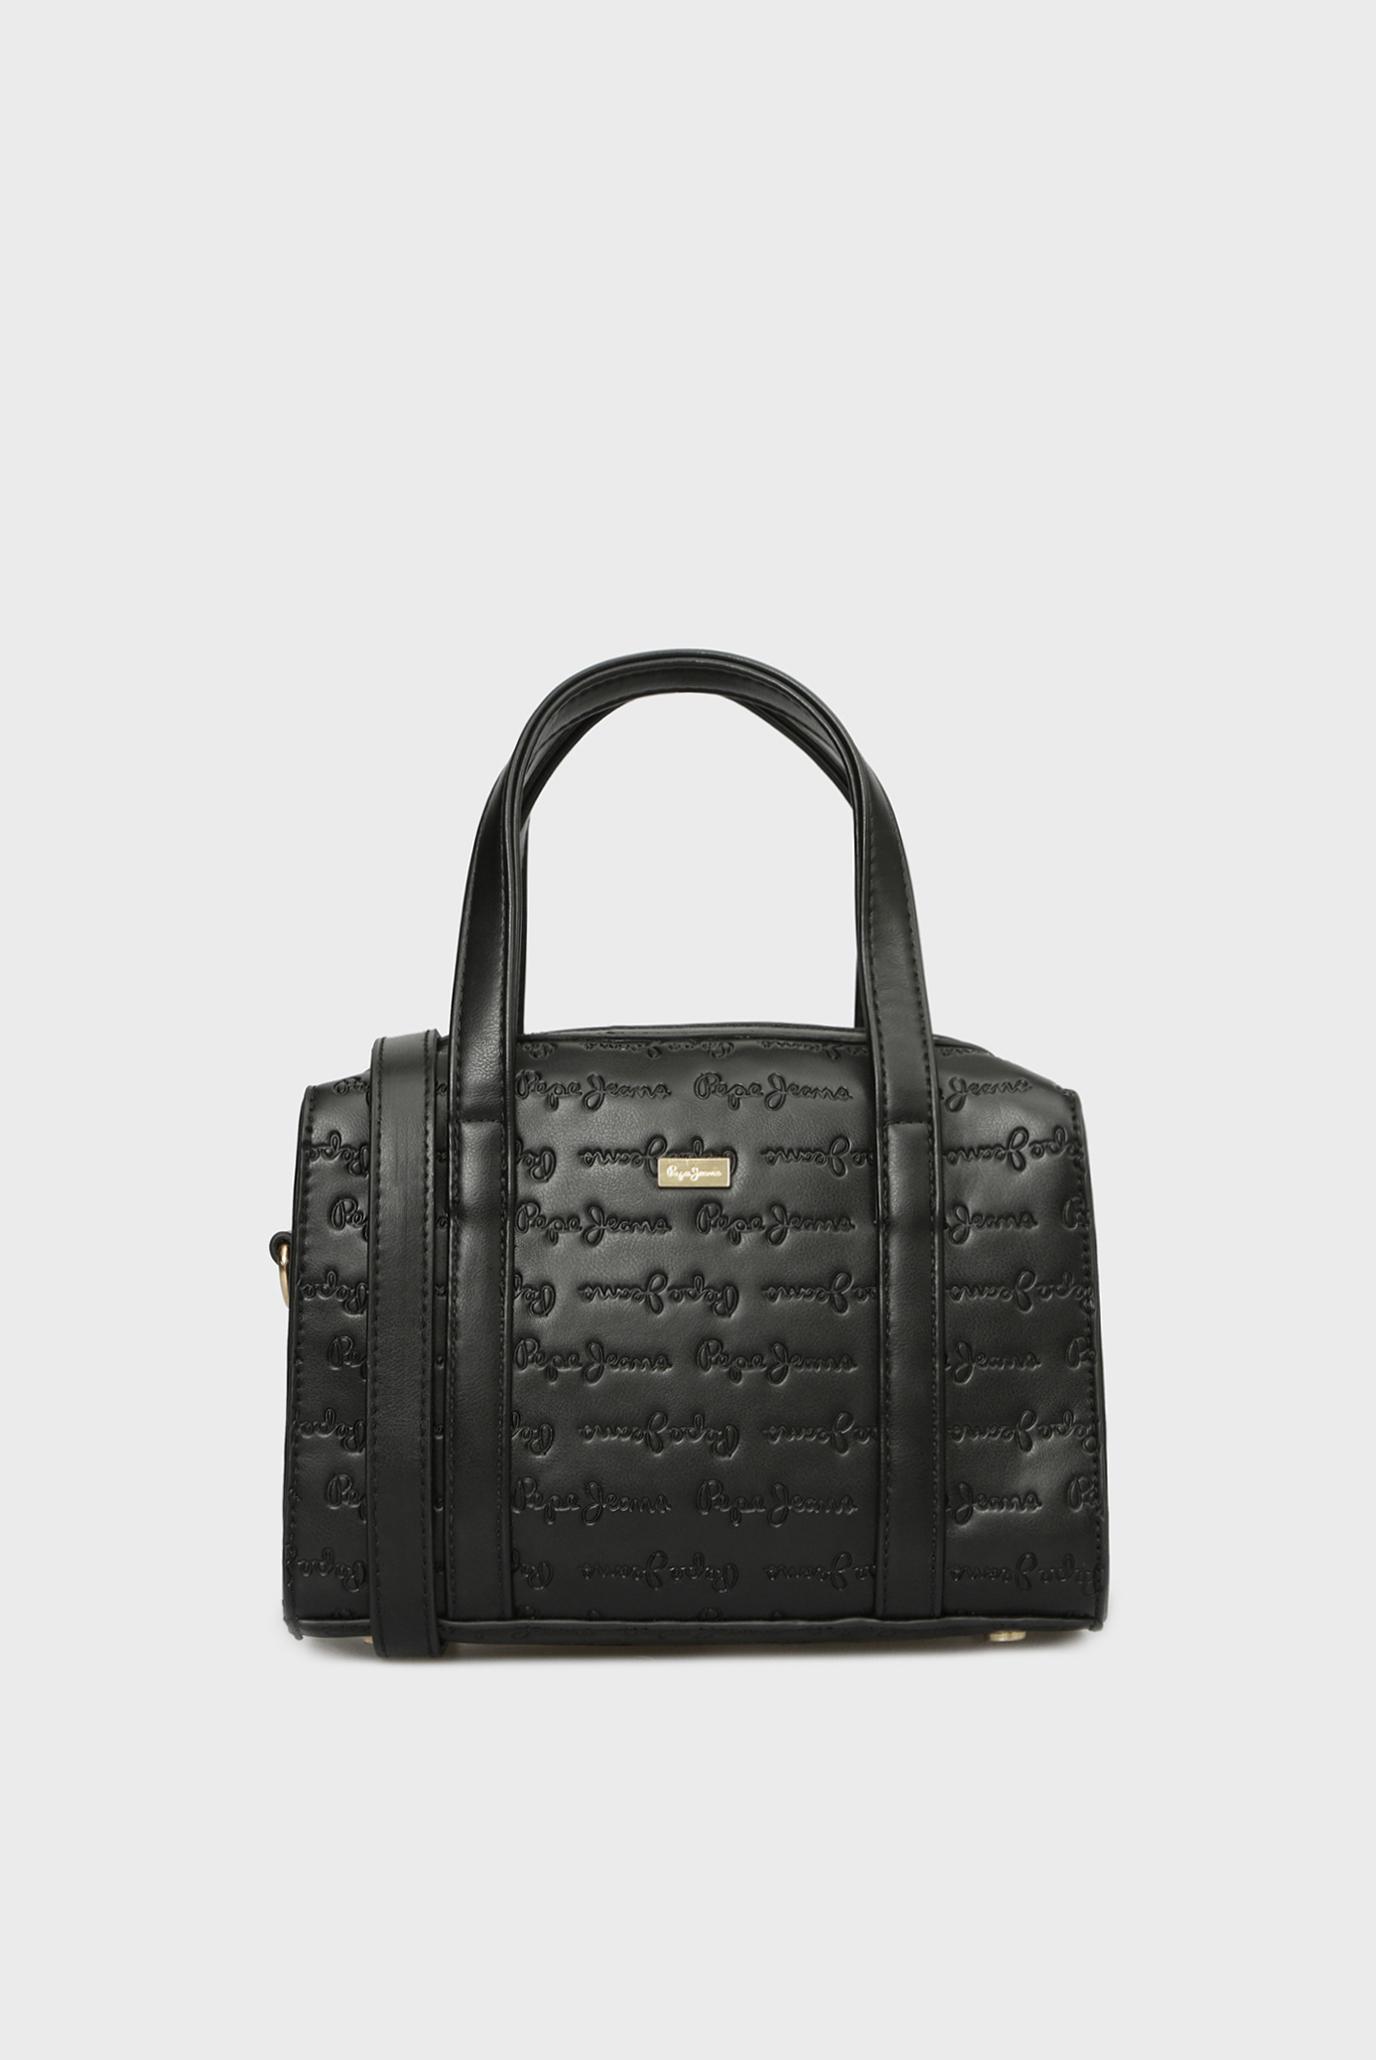 05da2058c885 Купить Женская черная сумка на плечо Pepe Jeans Pepe Jeans PL030949 – Киев,  Украина. Цены в интернет ...